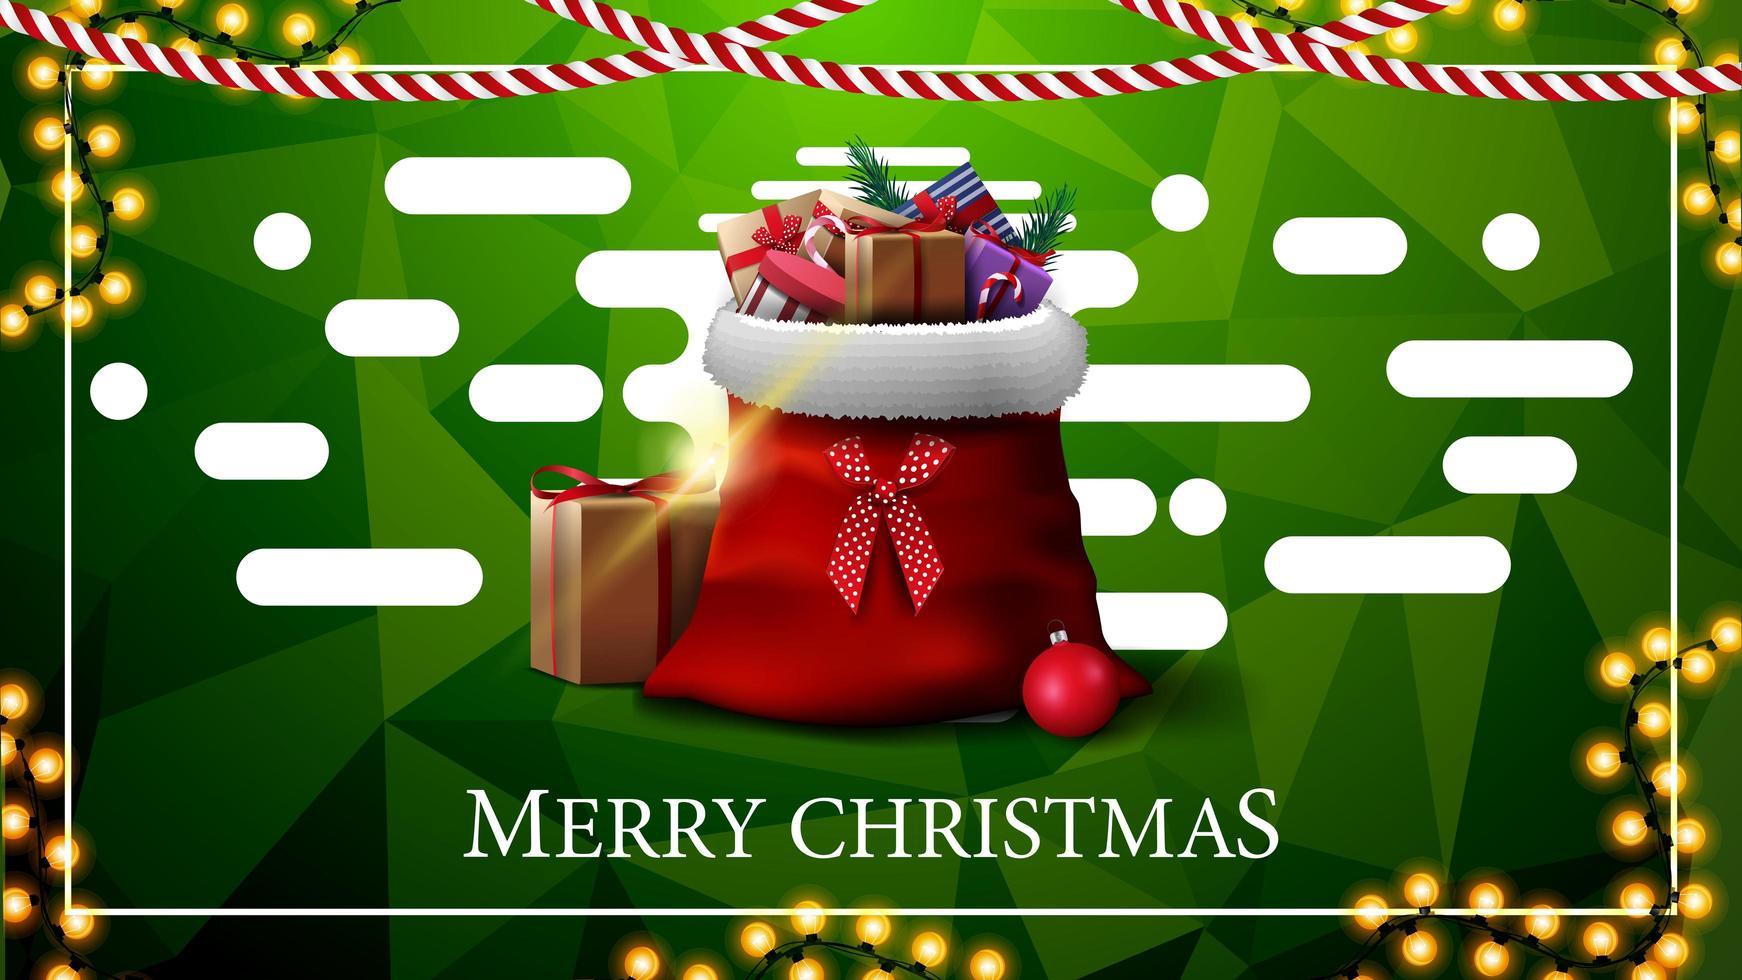 Frohe Weihnachten, grüne Postkarte mit Girlanden, polygonale Textur, abstrakte flüssige Formen und Weihnachtsmann-Tasche mit Geschenken vektor